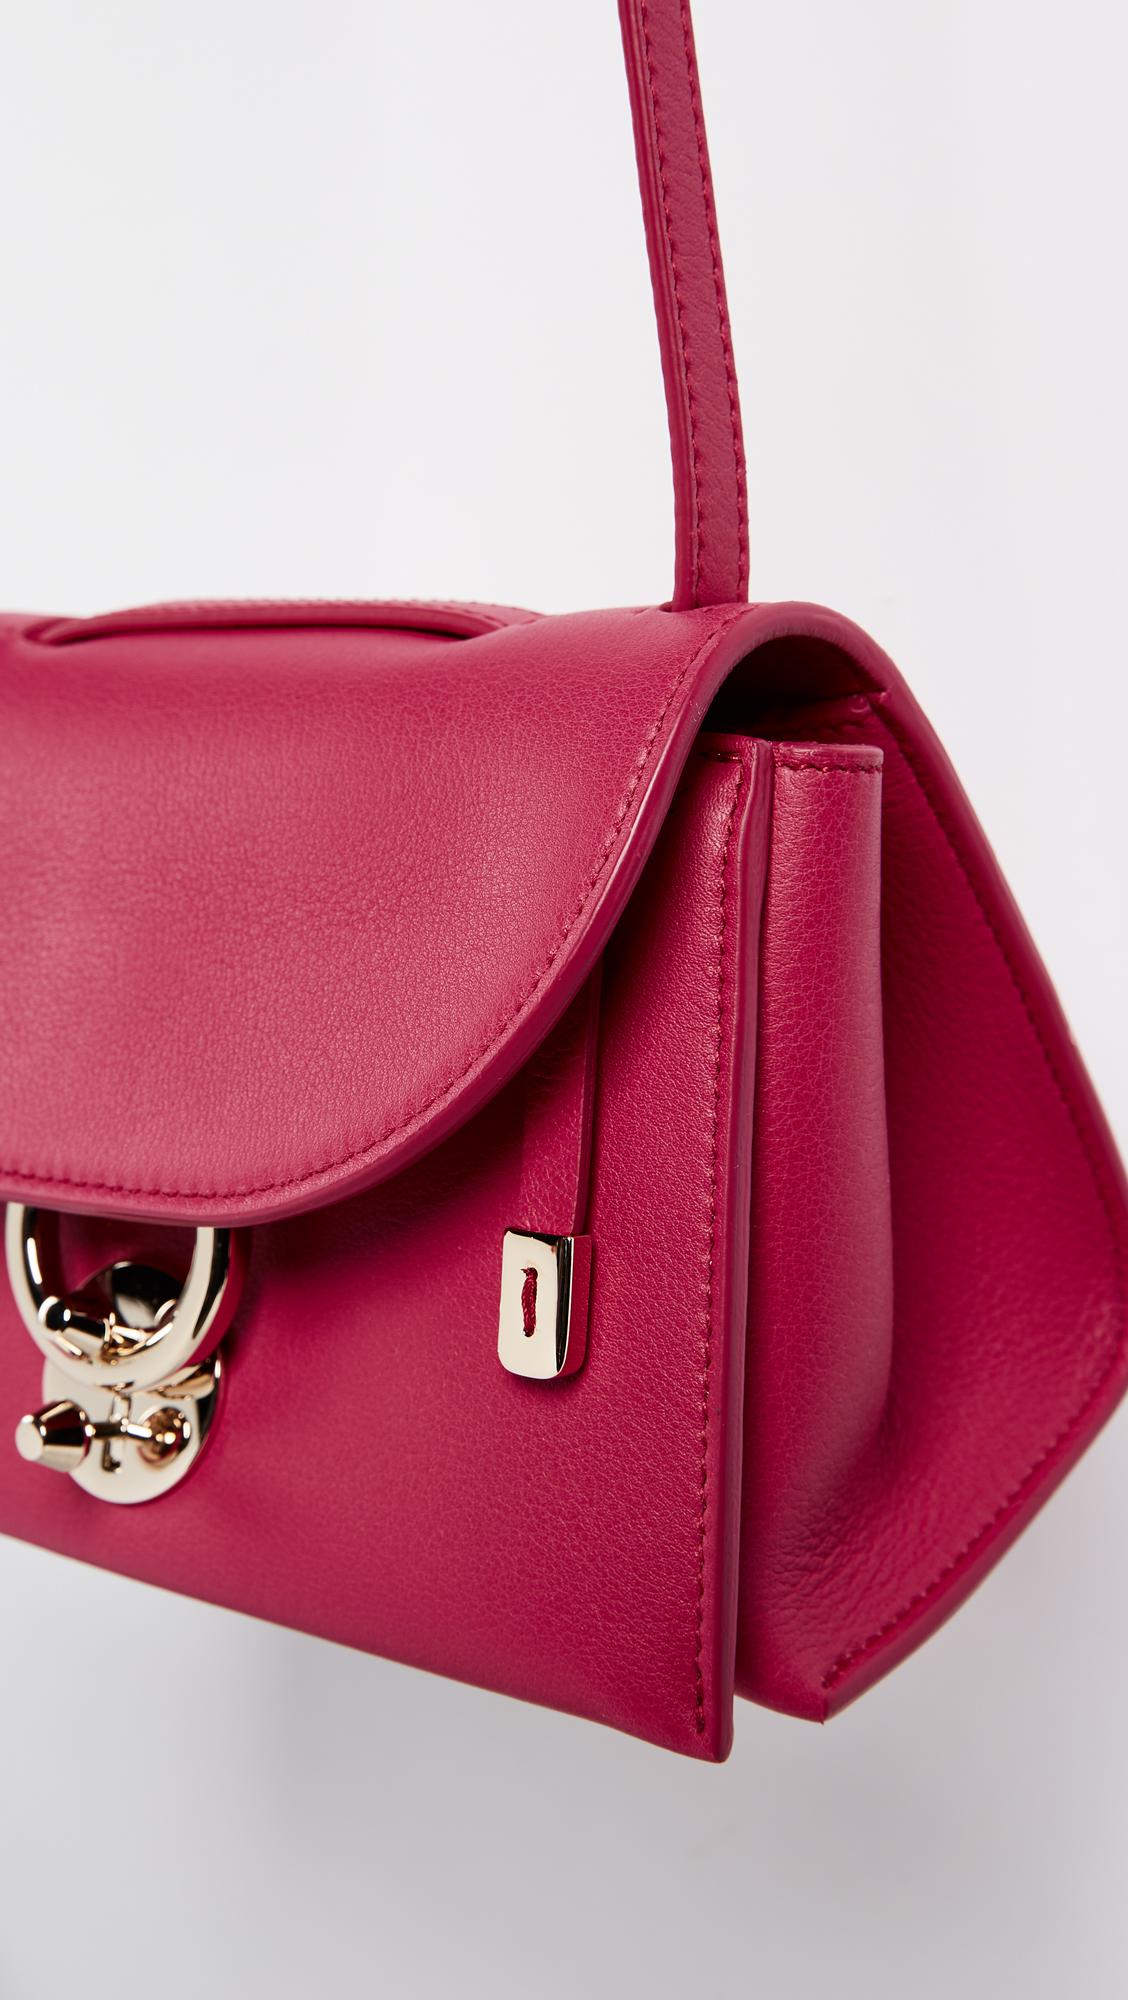 be9c85f35e Salvatore Ferragamo Stella Mini Cross Body Bag